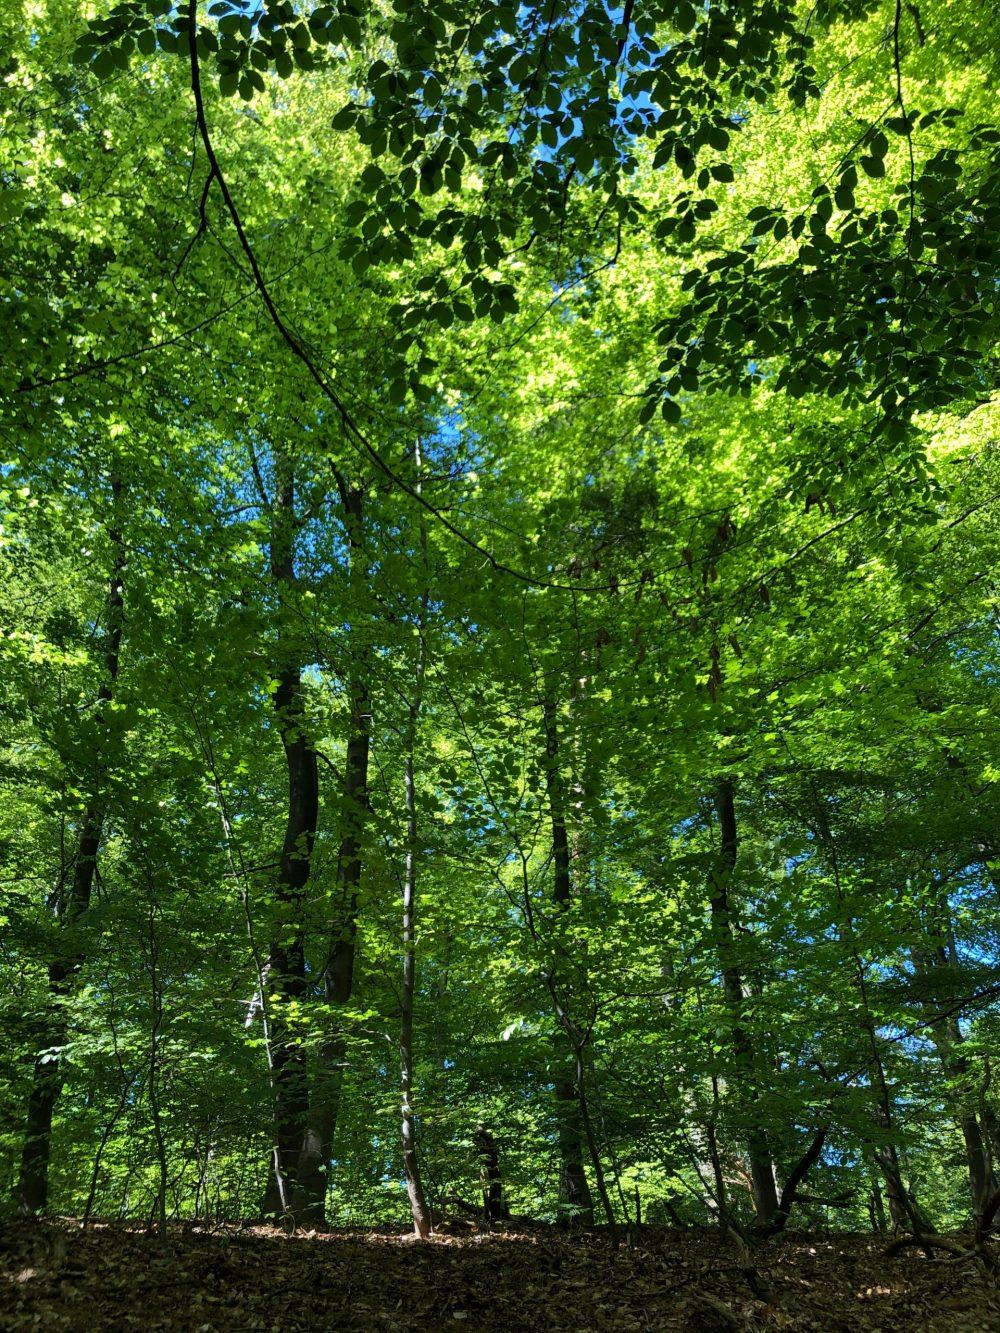 Laubbäume mit kräftig grünen Blättern